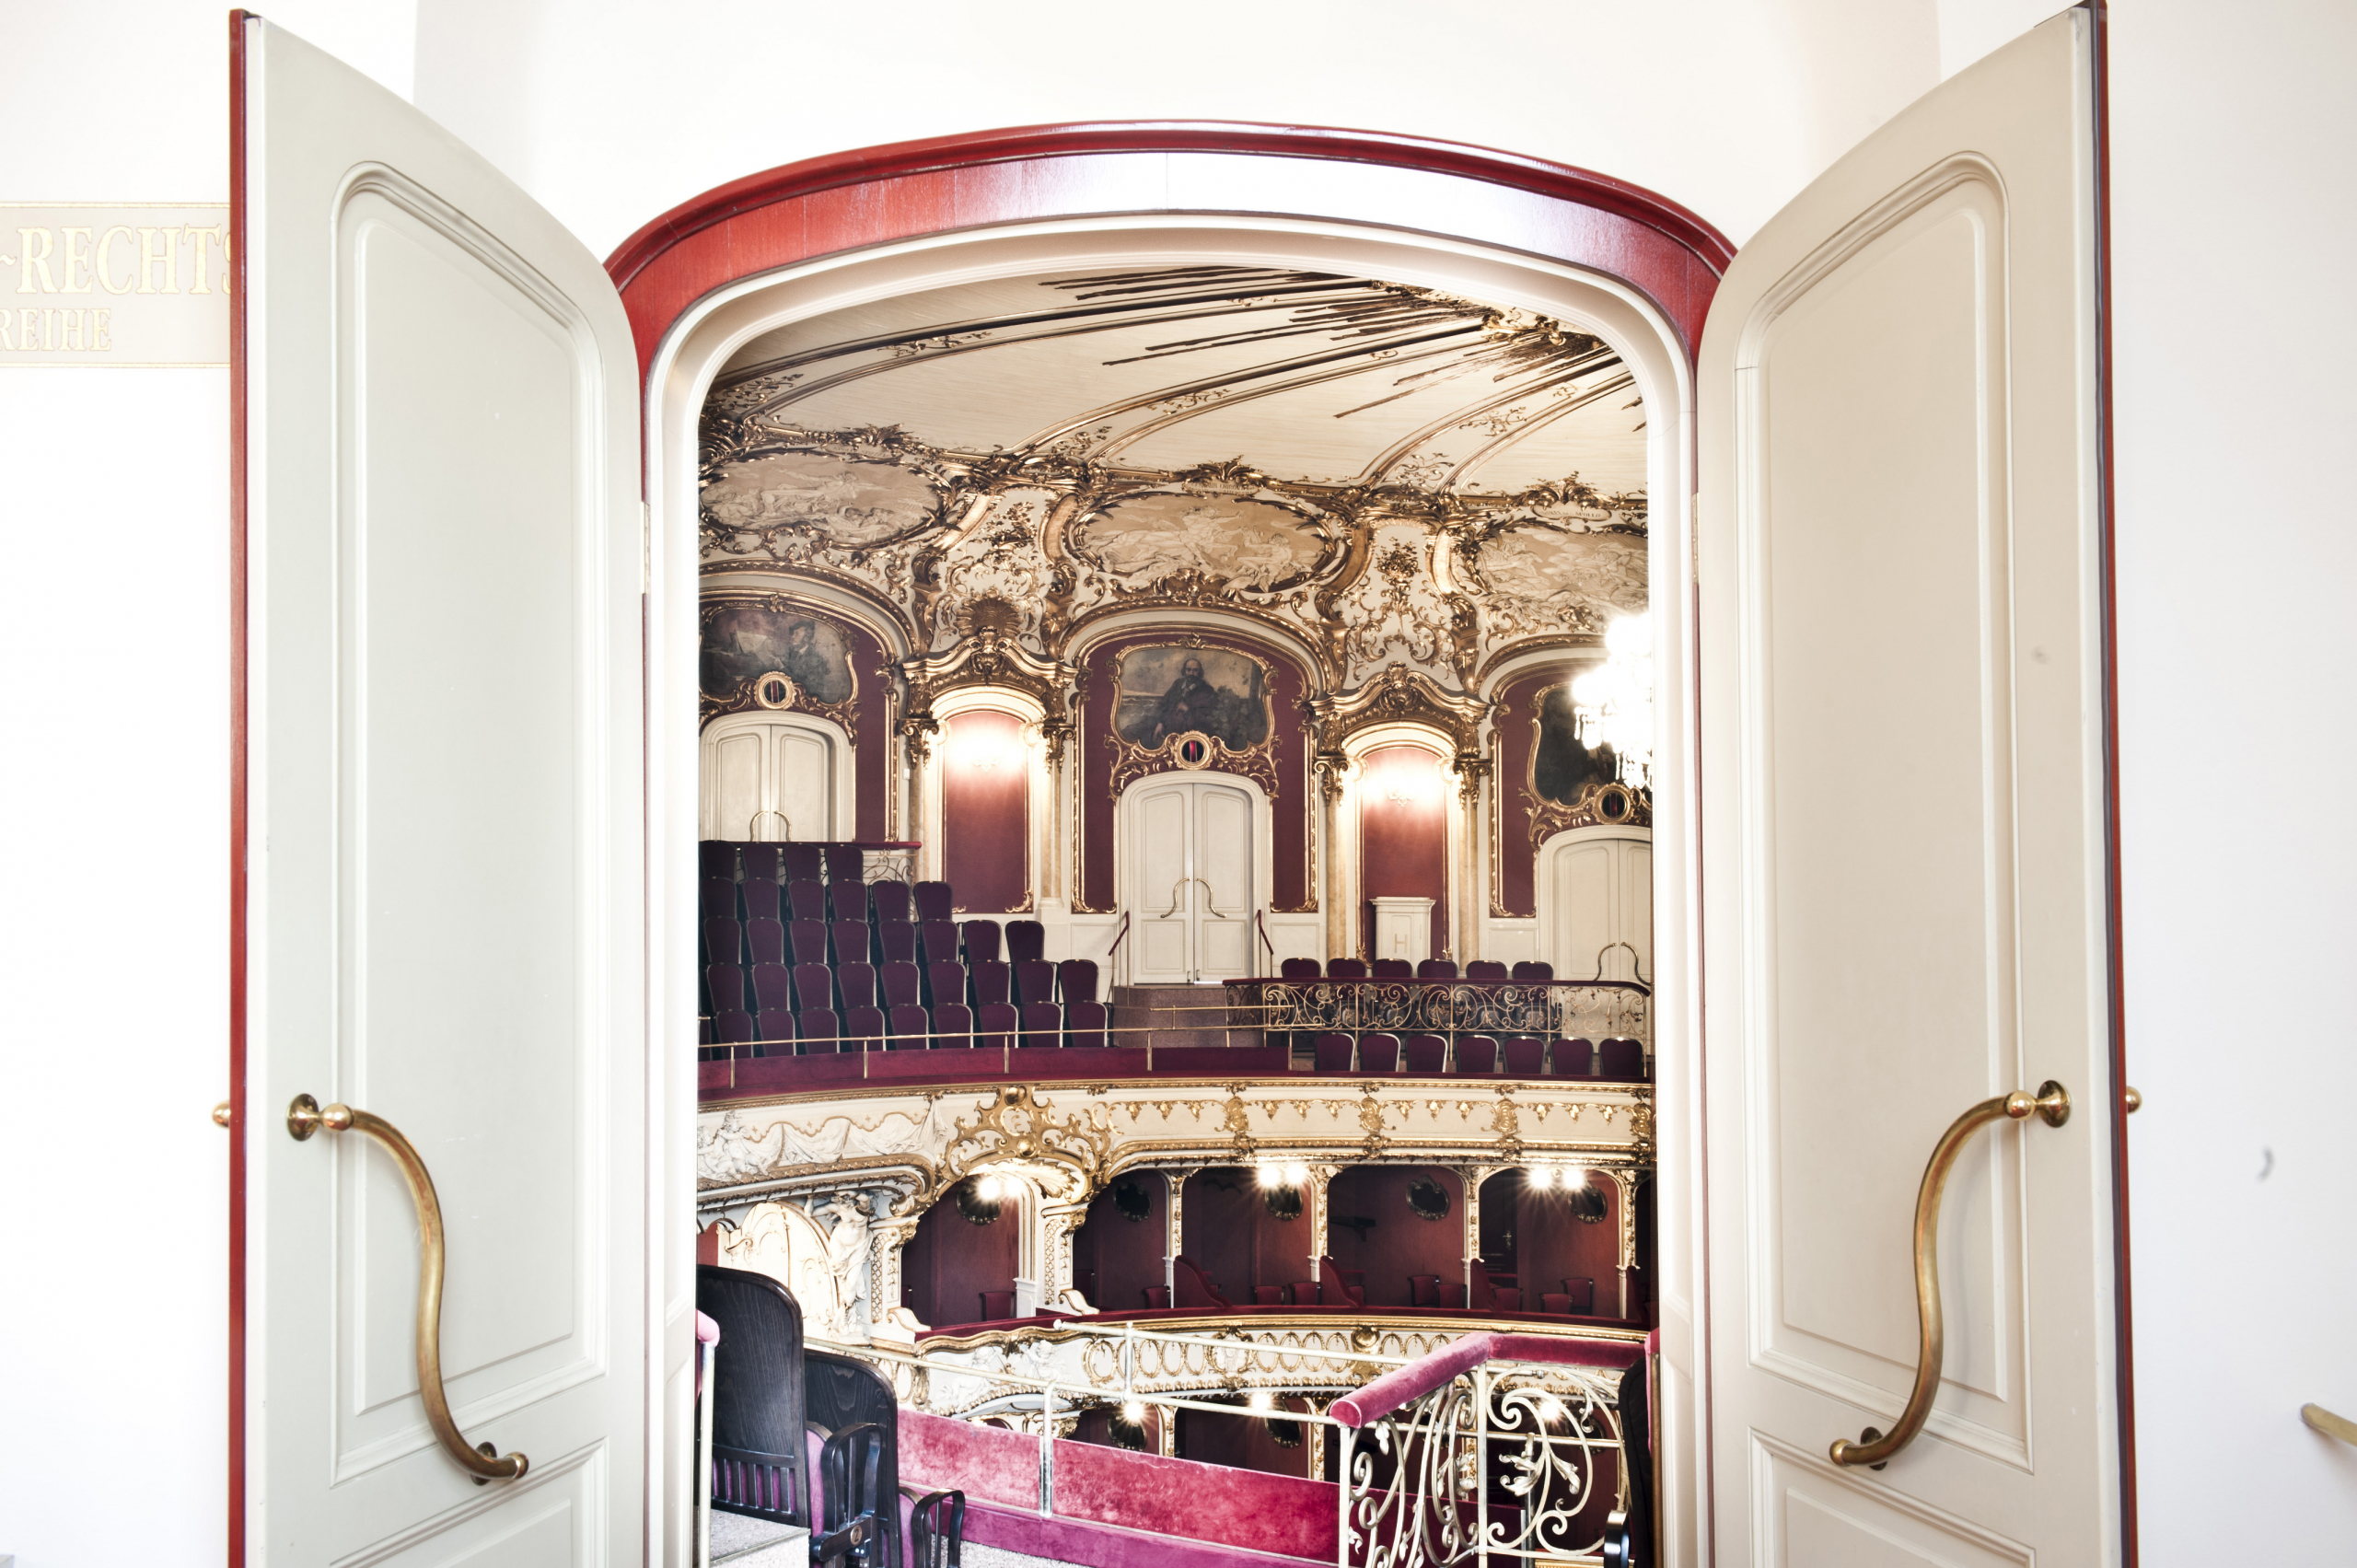 Oper Graz, Blick durch eine offene Tür in den Zuschauerraum